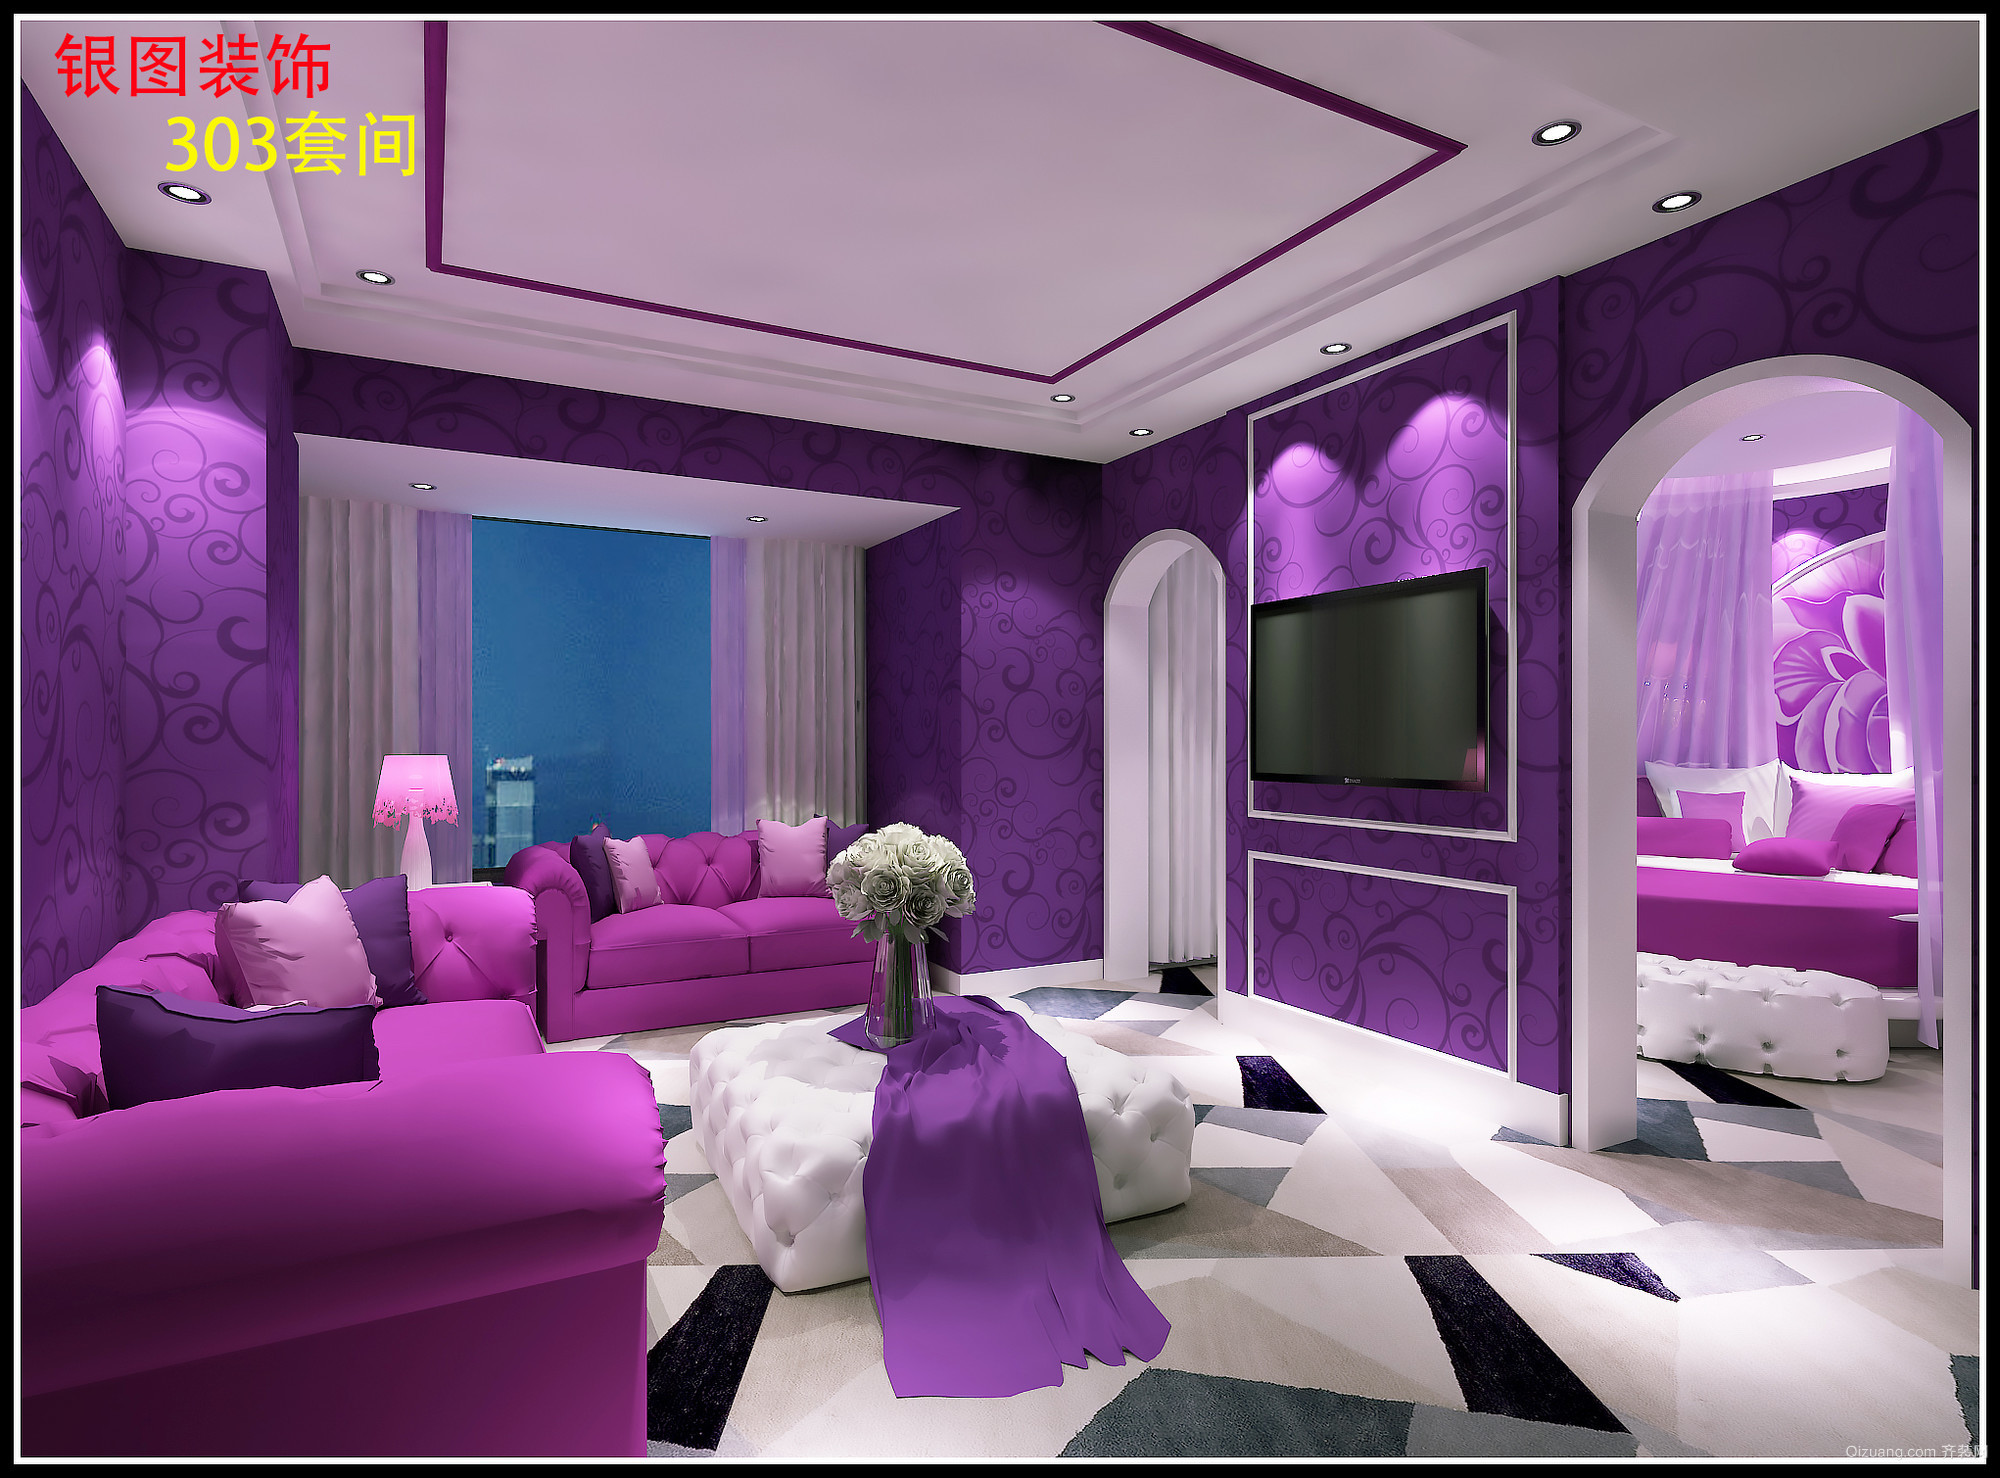 长虹阿特斯公寓混搭风格装修效果图实景图